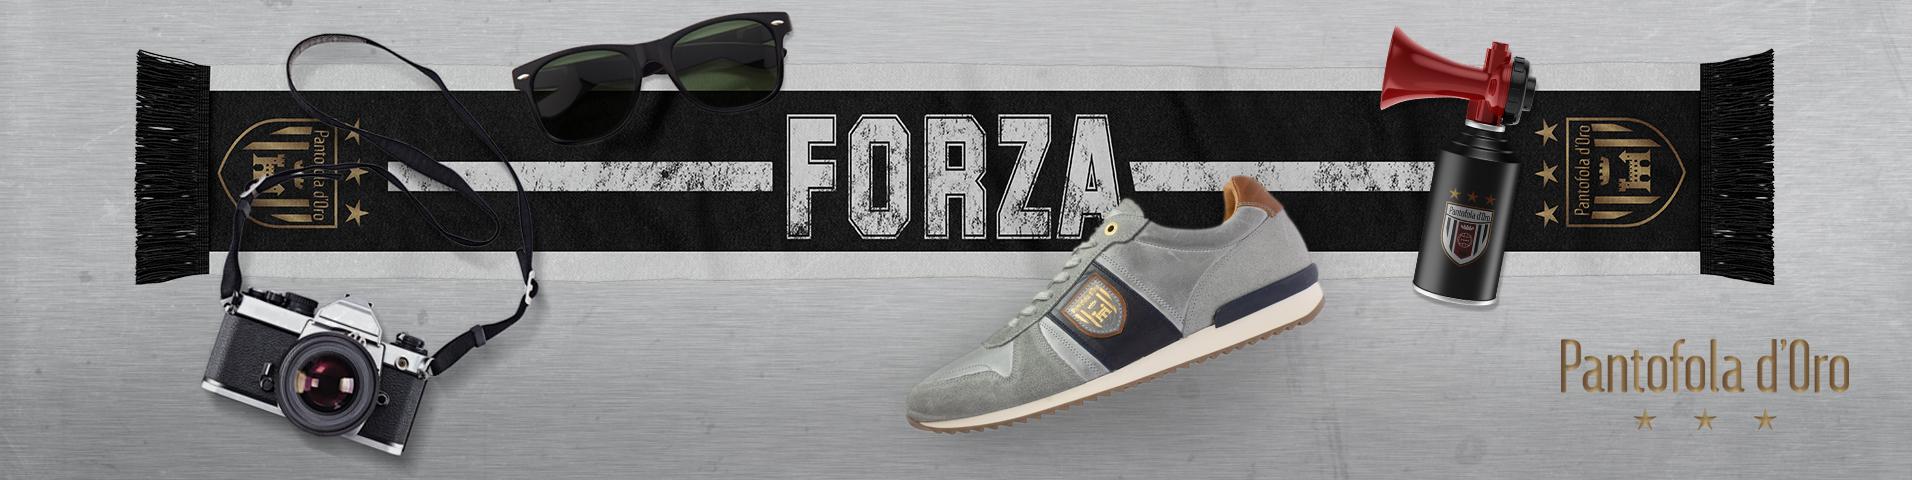 Auf ganz leisen Sohlen: graue Pantofola d'Oro Sneaker für